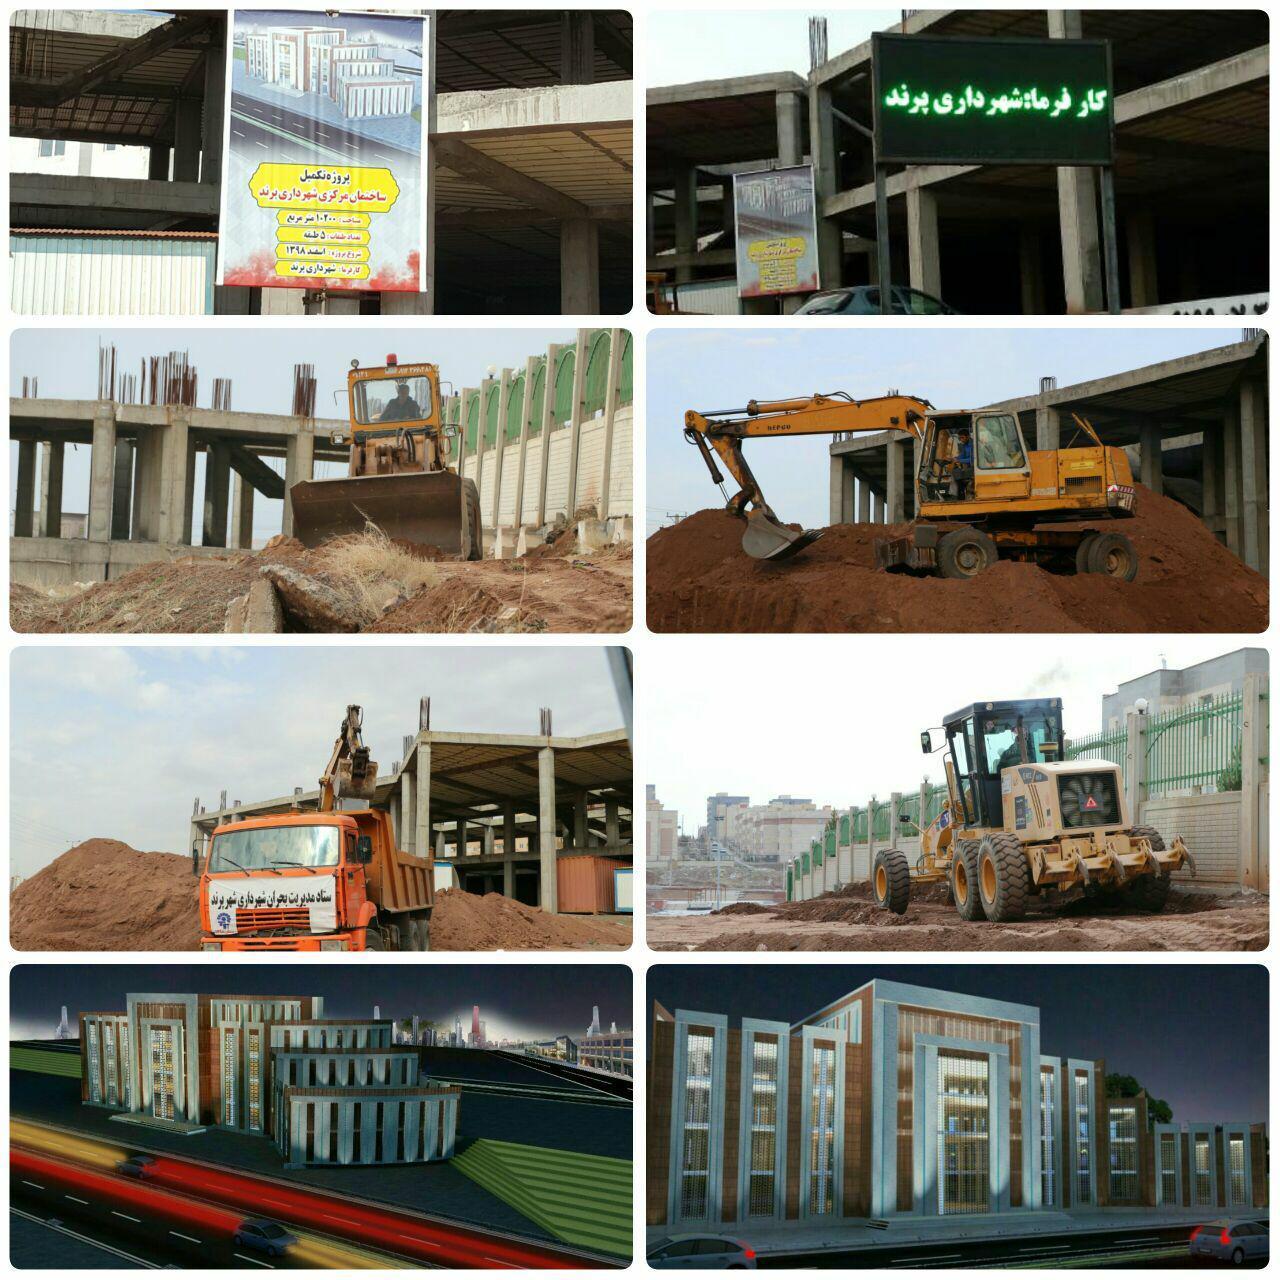 آغاز فرآیند تکمیل پروژه احداث ساختمان شهرداری پرند/ یک گام واقعی به سمت صاحبخانه شدن